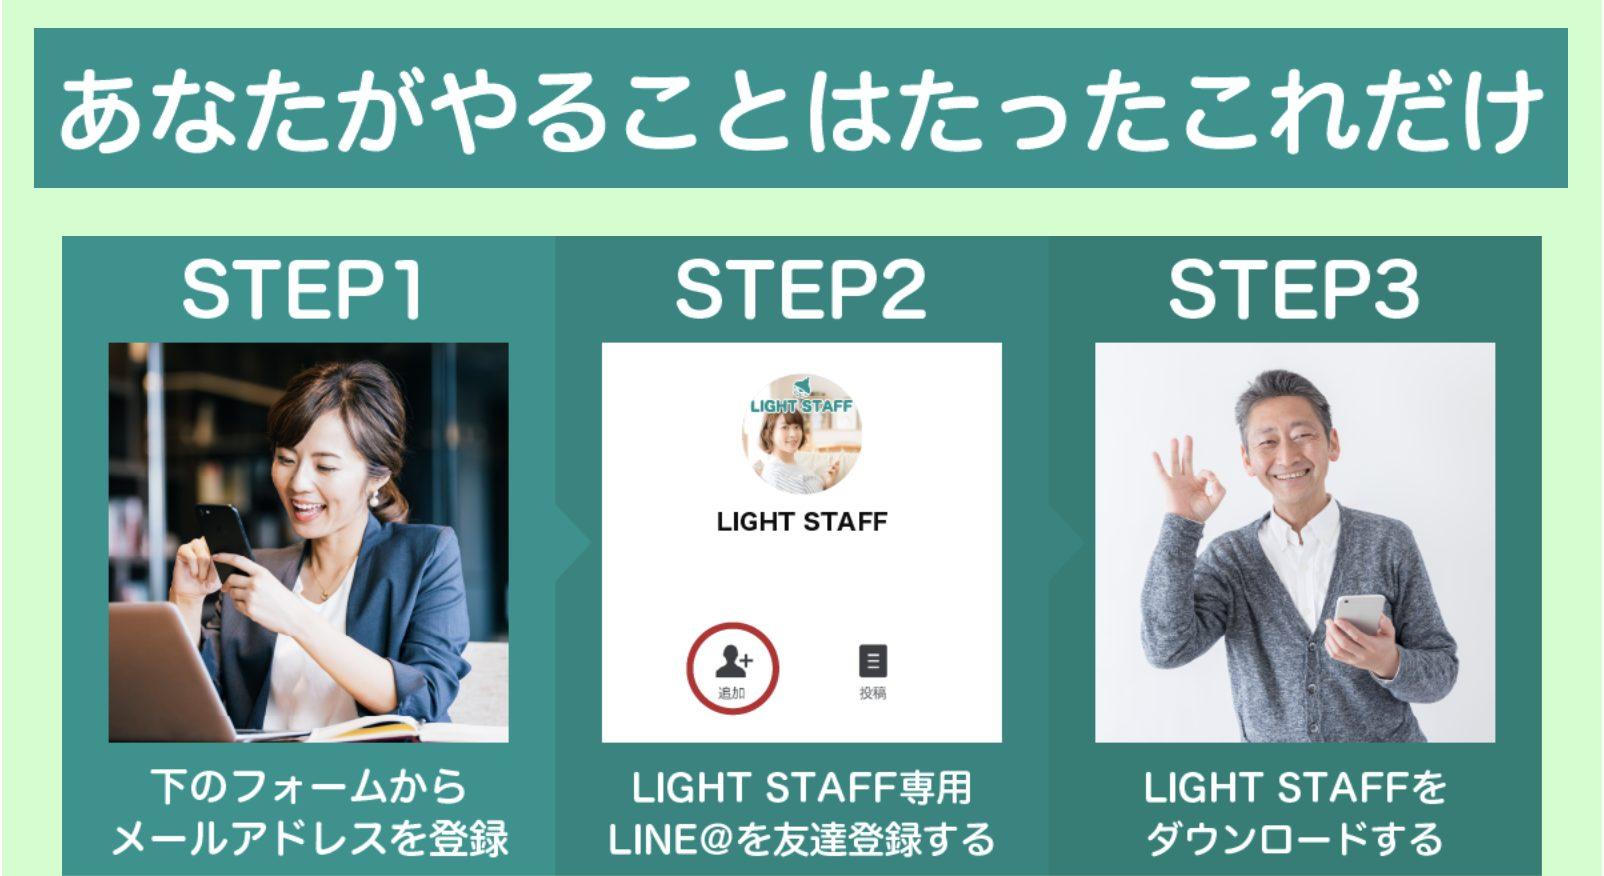 ライトスタッフ始め方